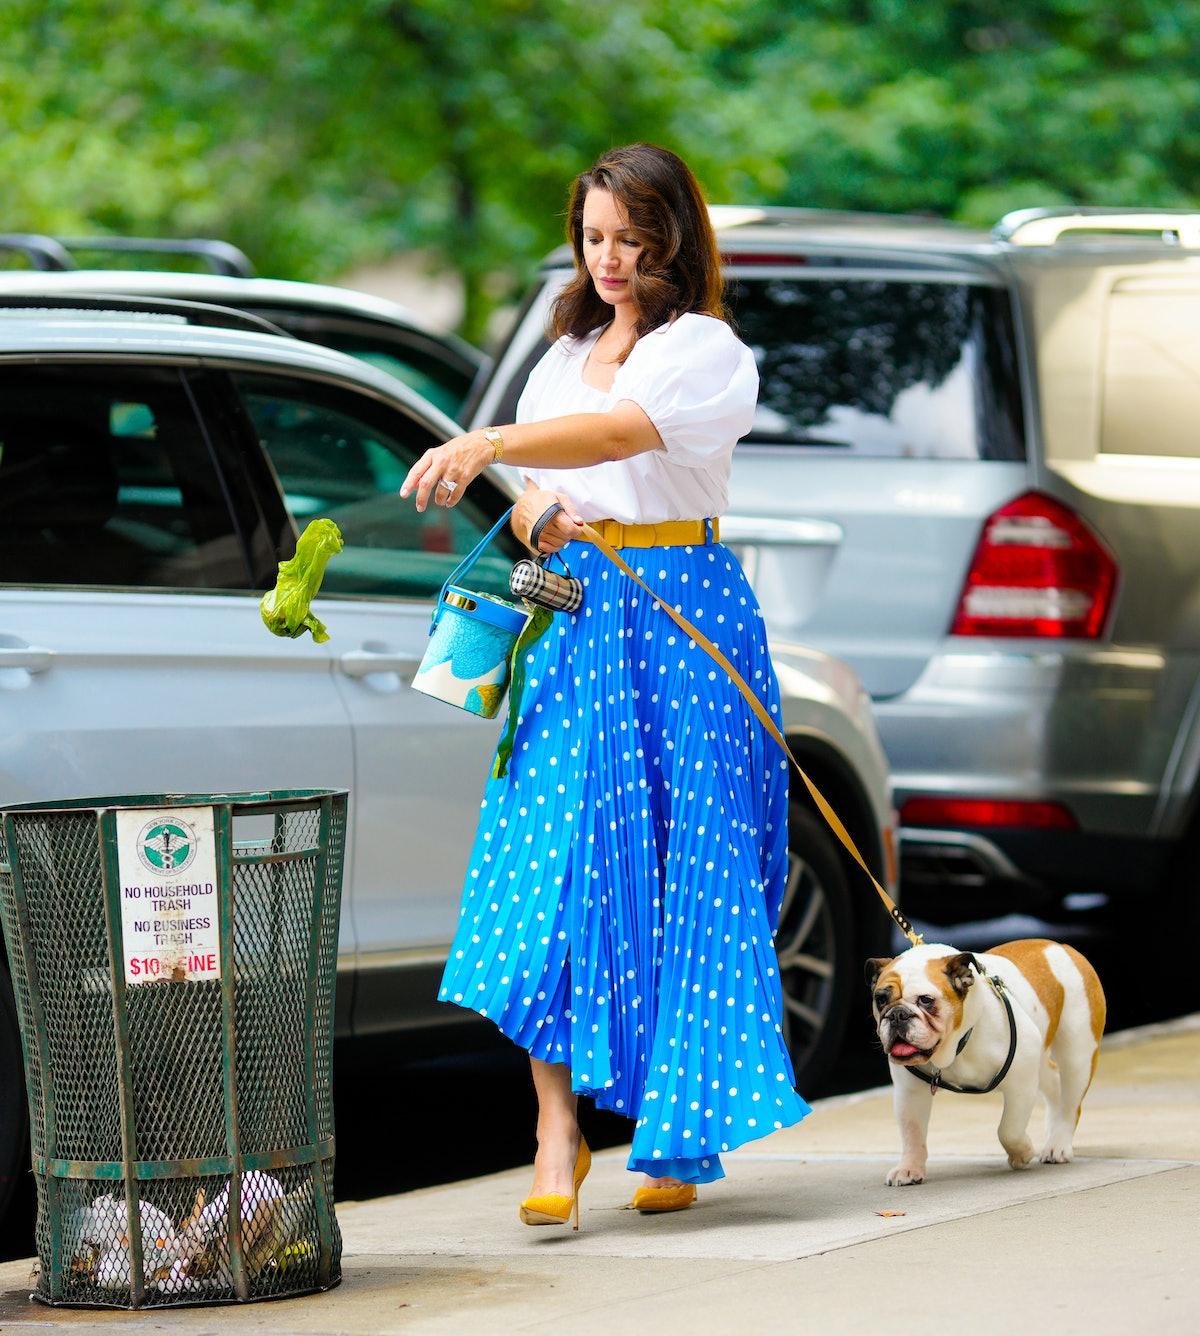 کریستین دیویس و یک سگ در صحنه فیلم And Just Like That ...